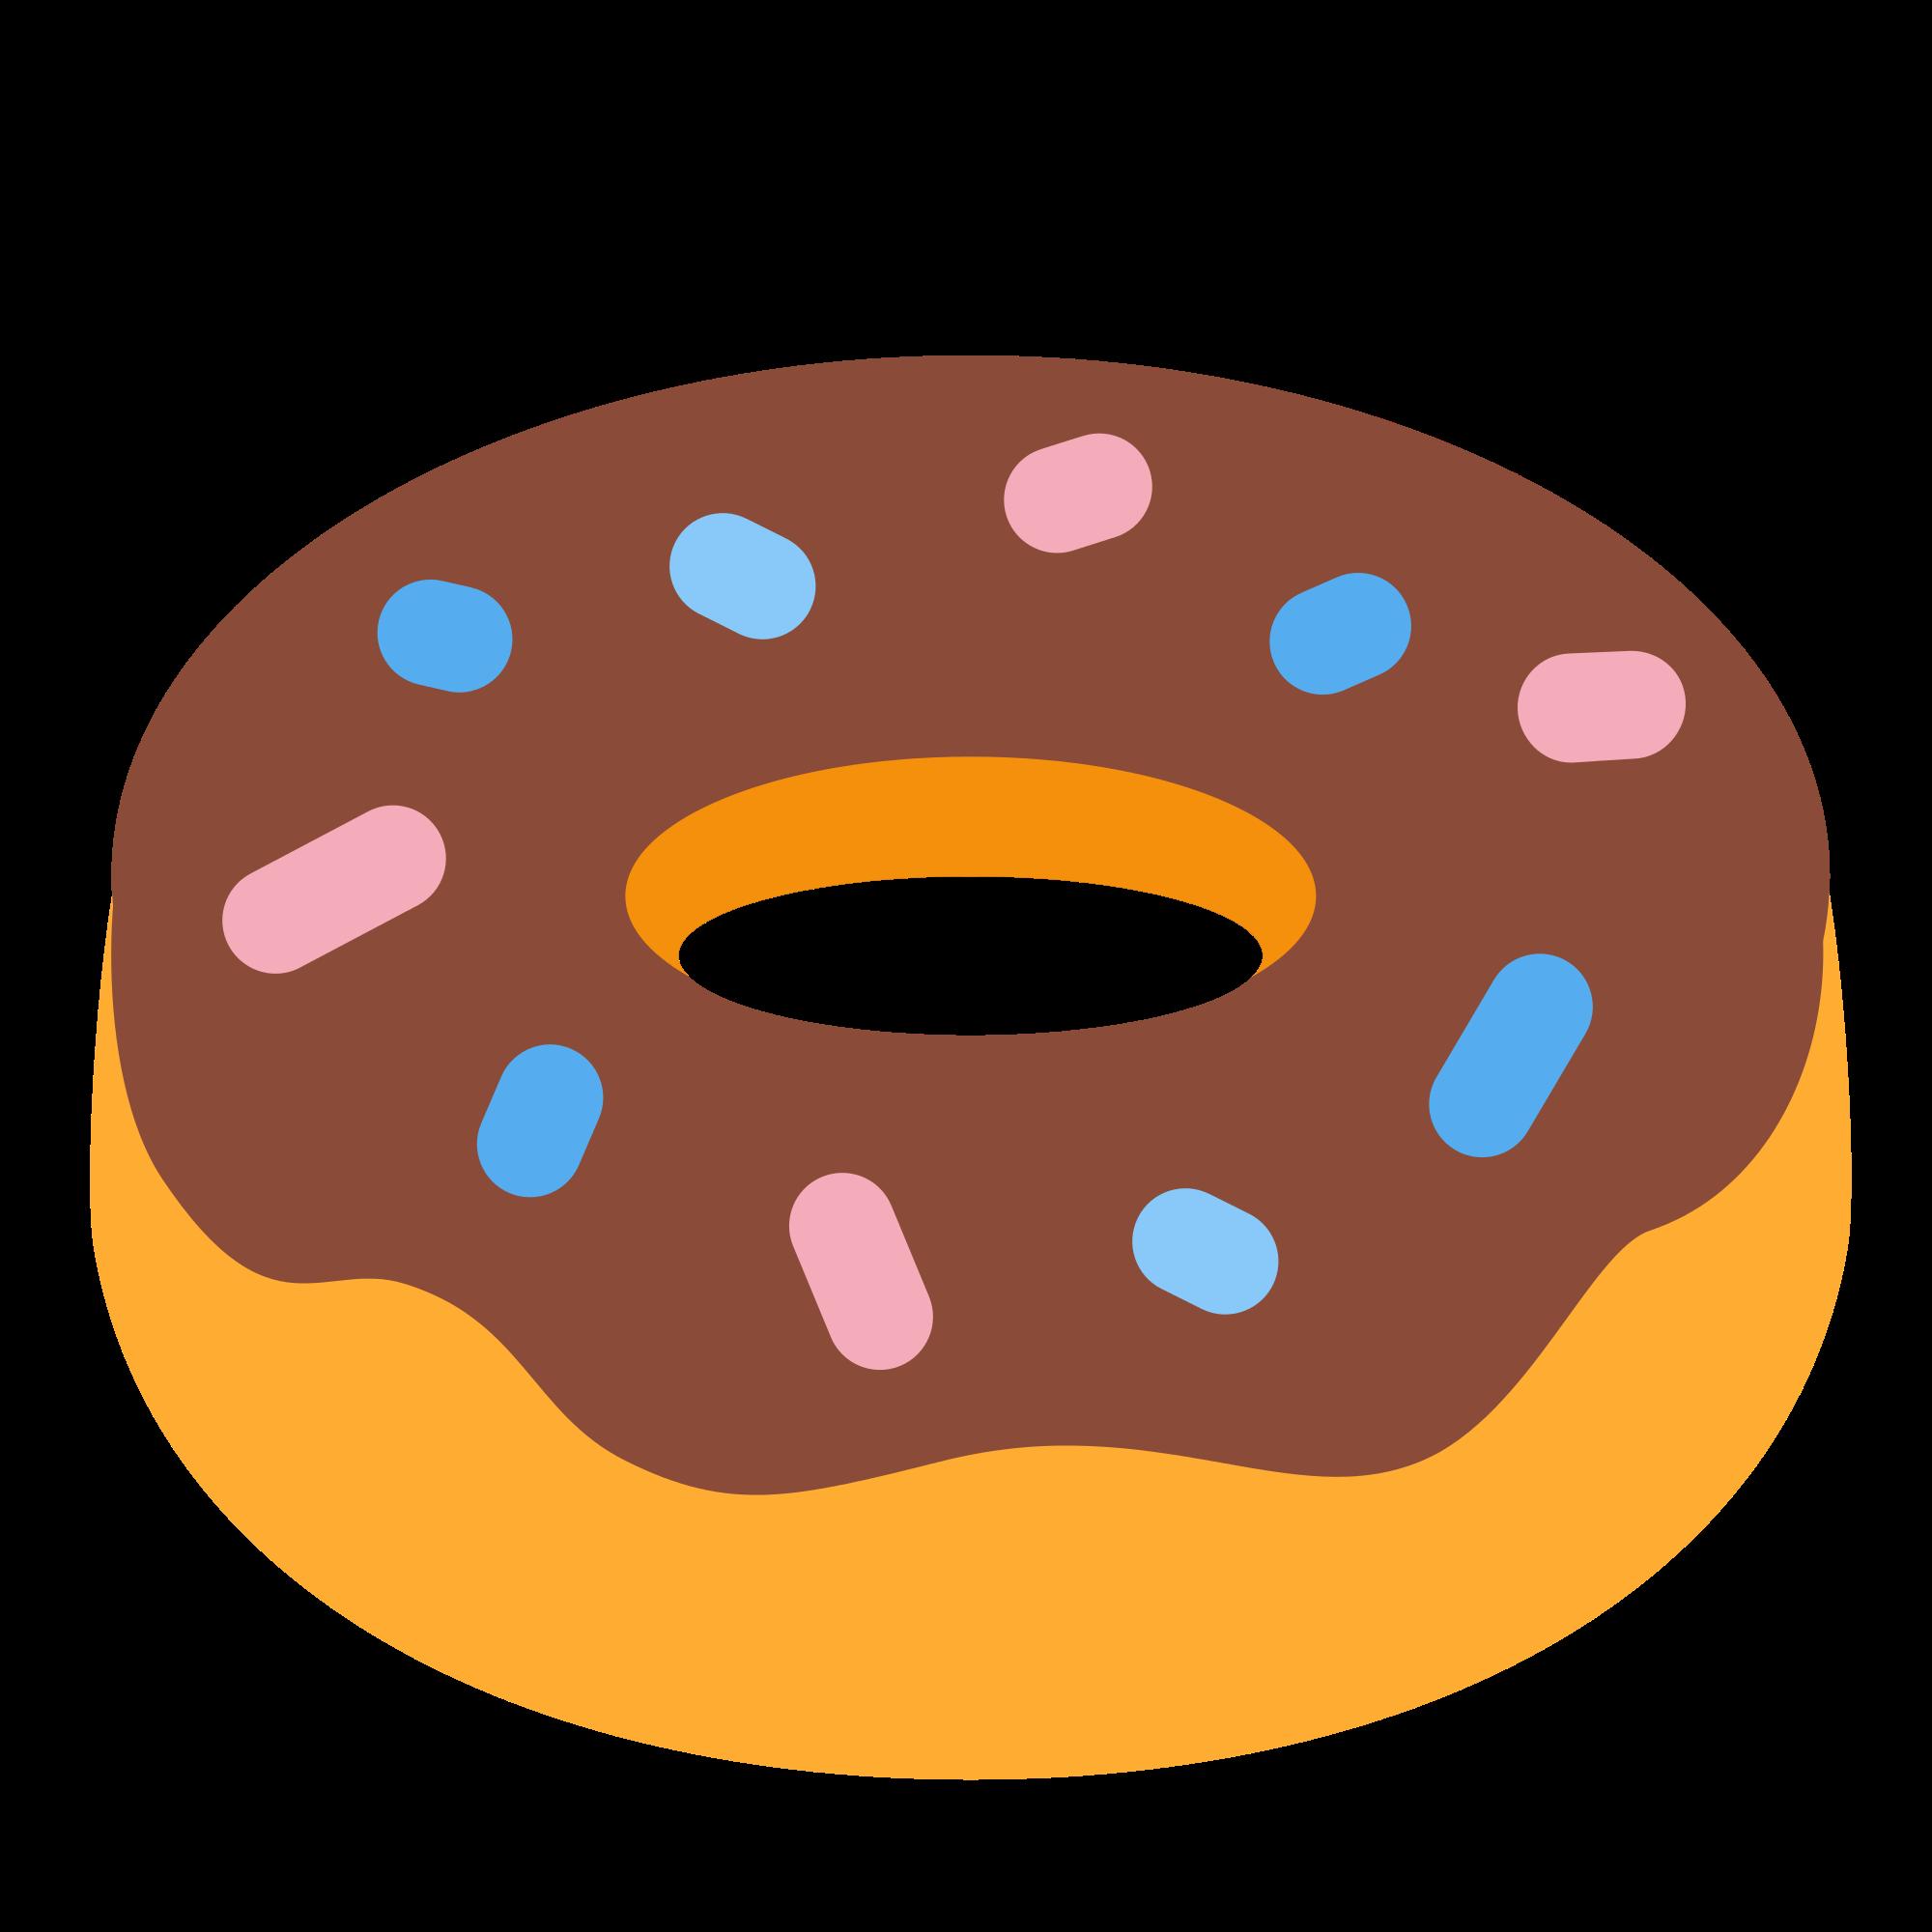 Donuts clipart svg. File twemoji f wikimedia